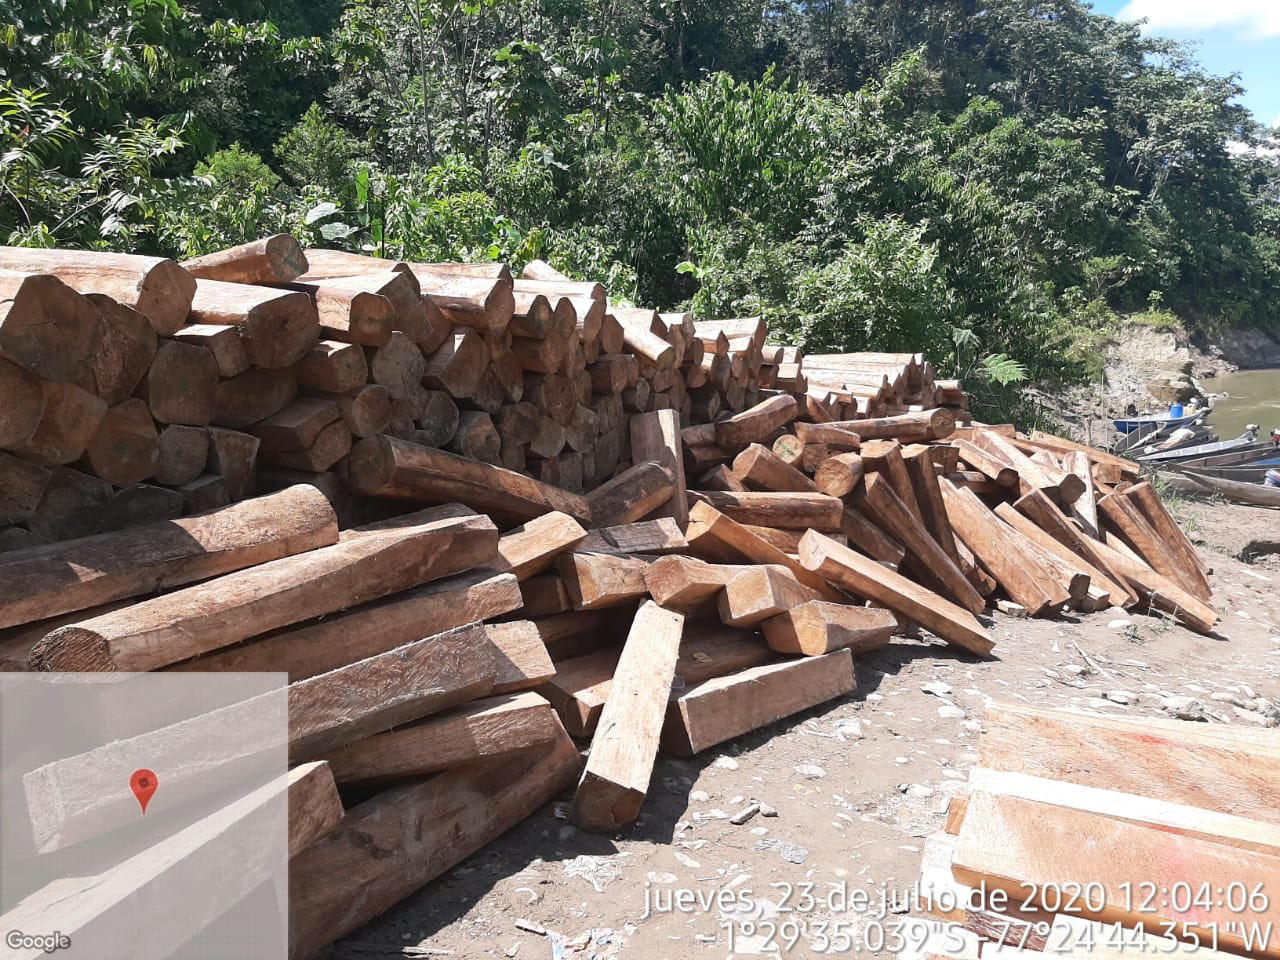 Tala ilegal en Ecuador. Tres aserraderos clandestinos ubicados en el cantón Arajuno, provincia de Pastaza, fueron desarticulados en operativo realizados por el Ejército y la Unidad de Protección Ambiental de la Policía el pasado 23 de julio de 2020. Se retuvo madera de balsa. Foto: Google Earth